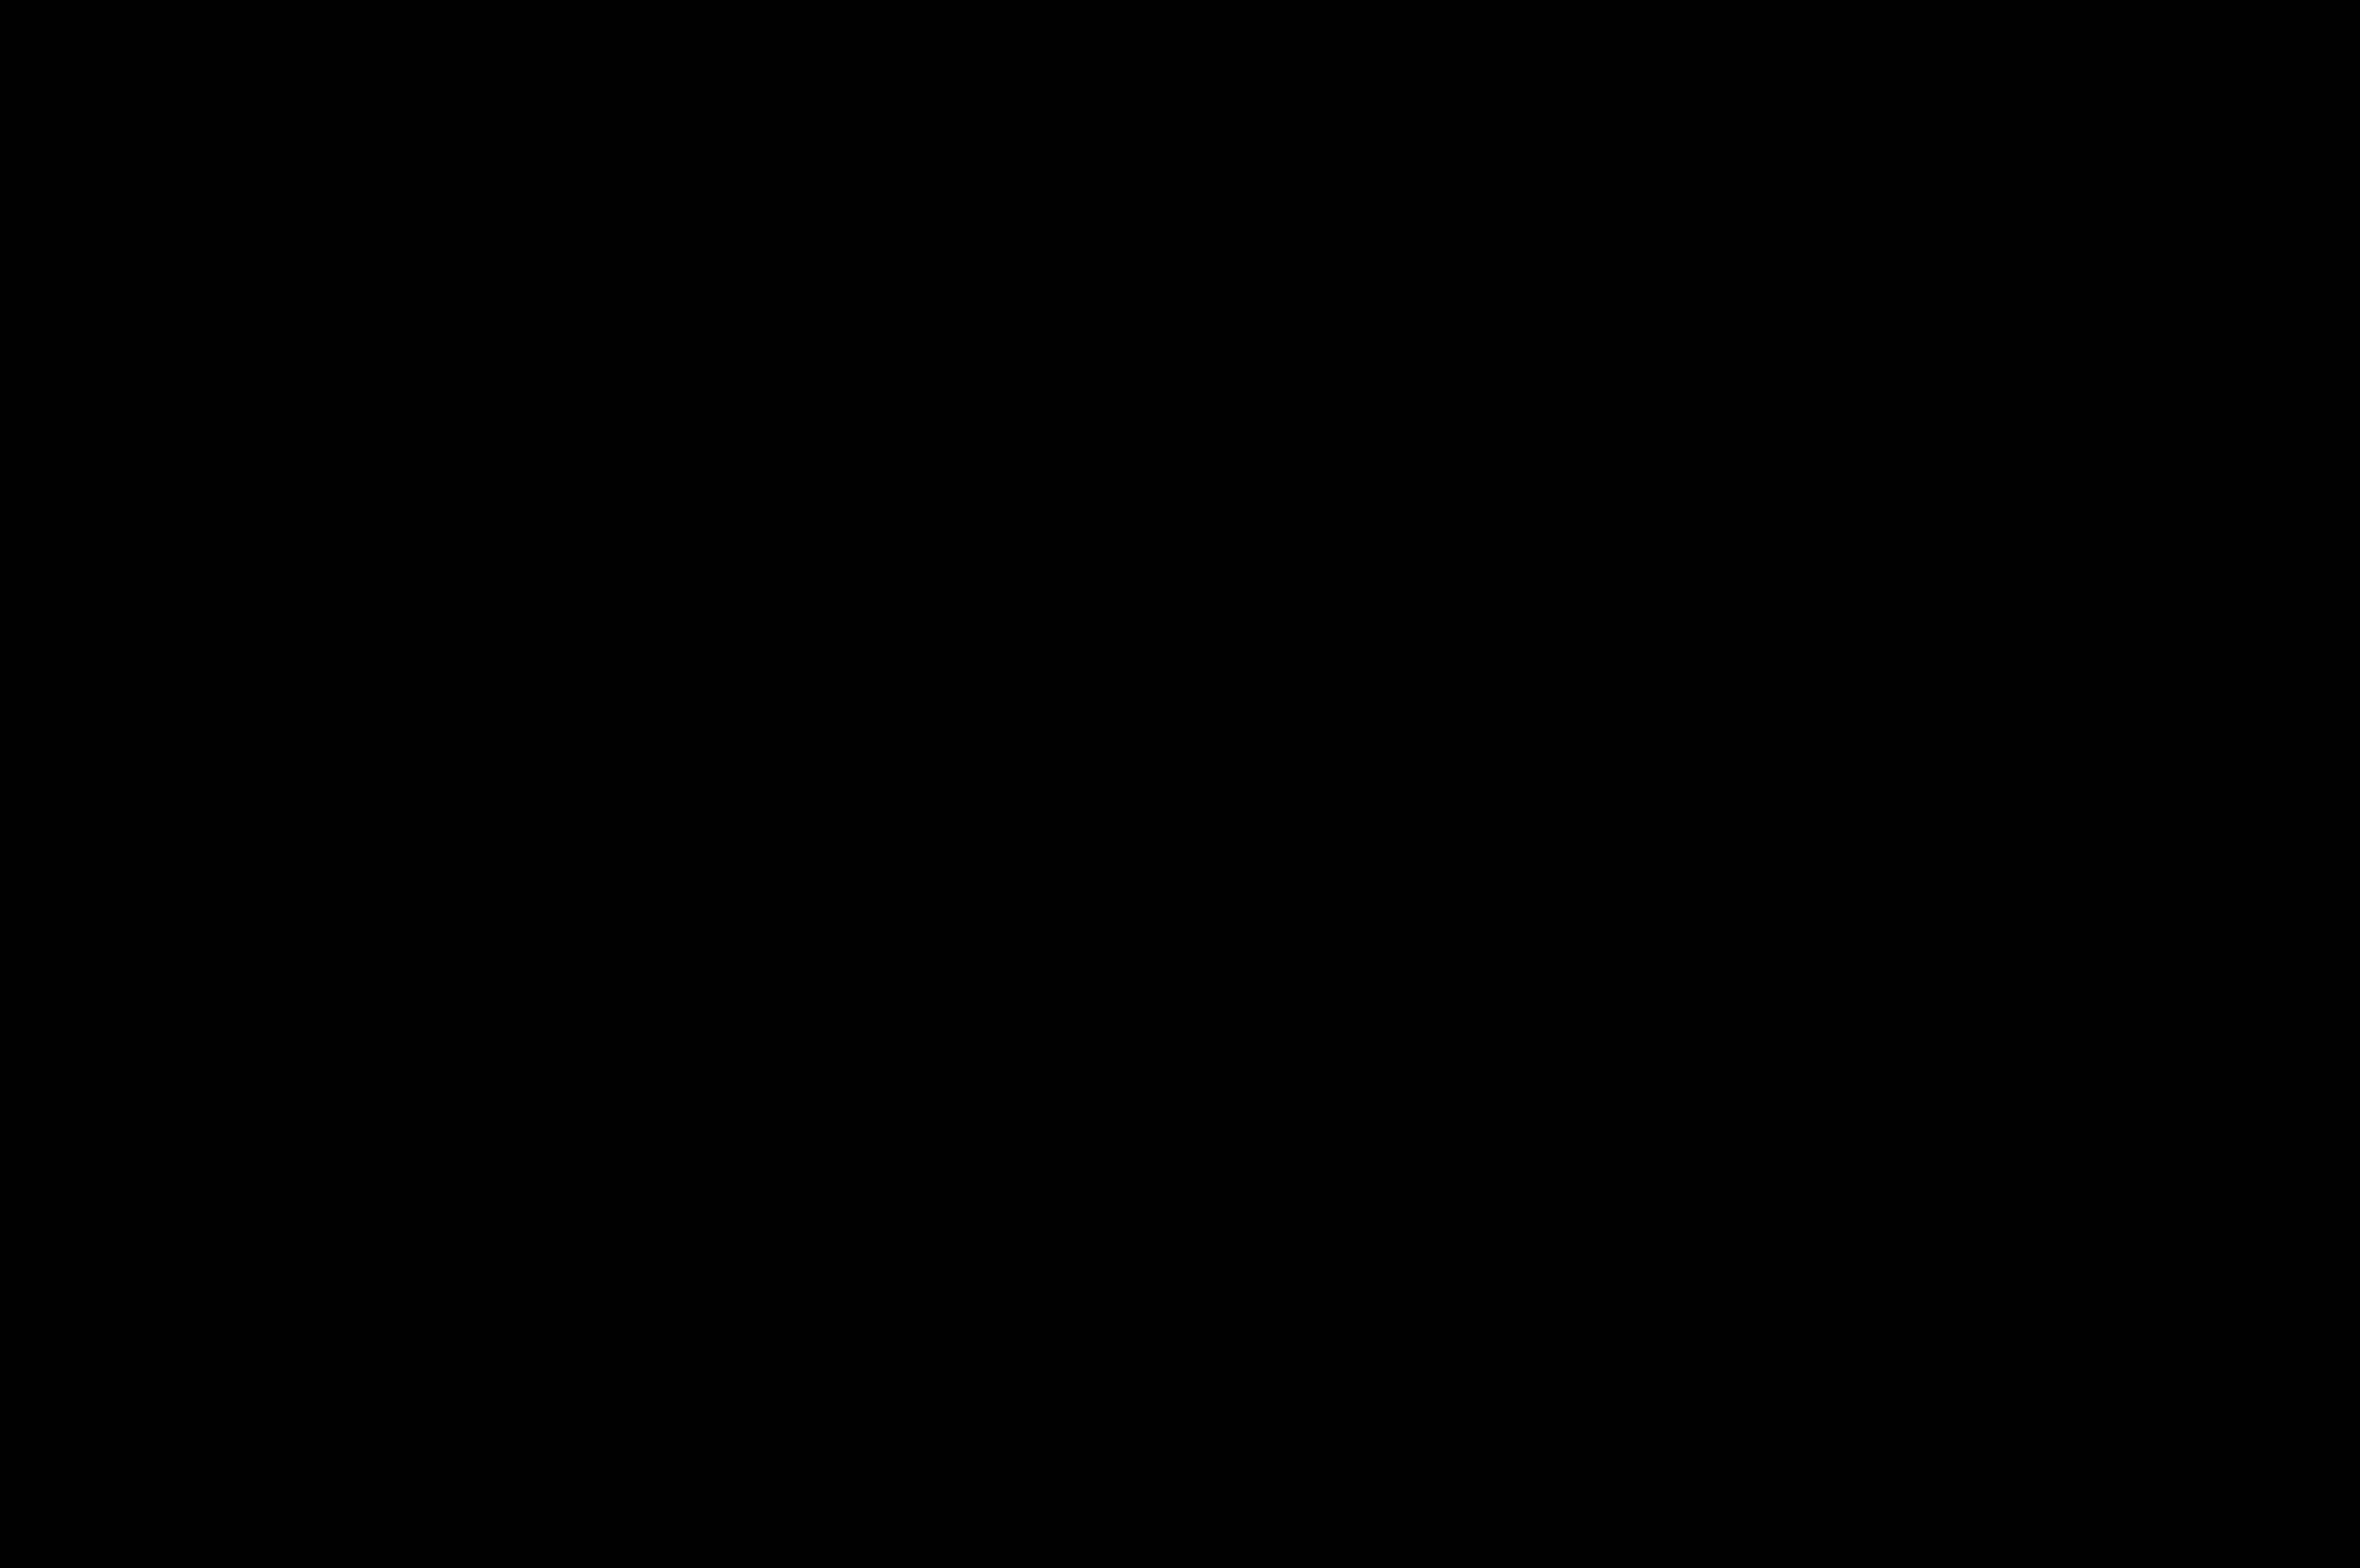 تصنيف جيد للسلطنة حسب خريطة المخاطر السياسية والاقتصادية لعام 2017